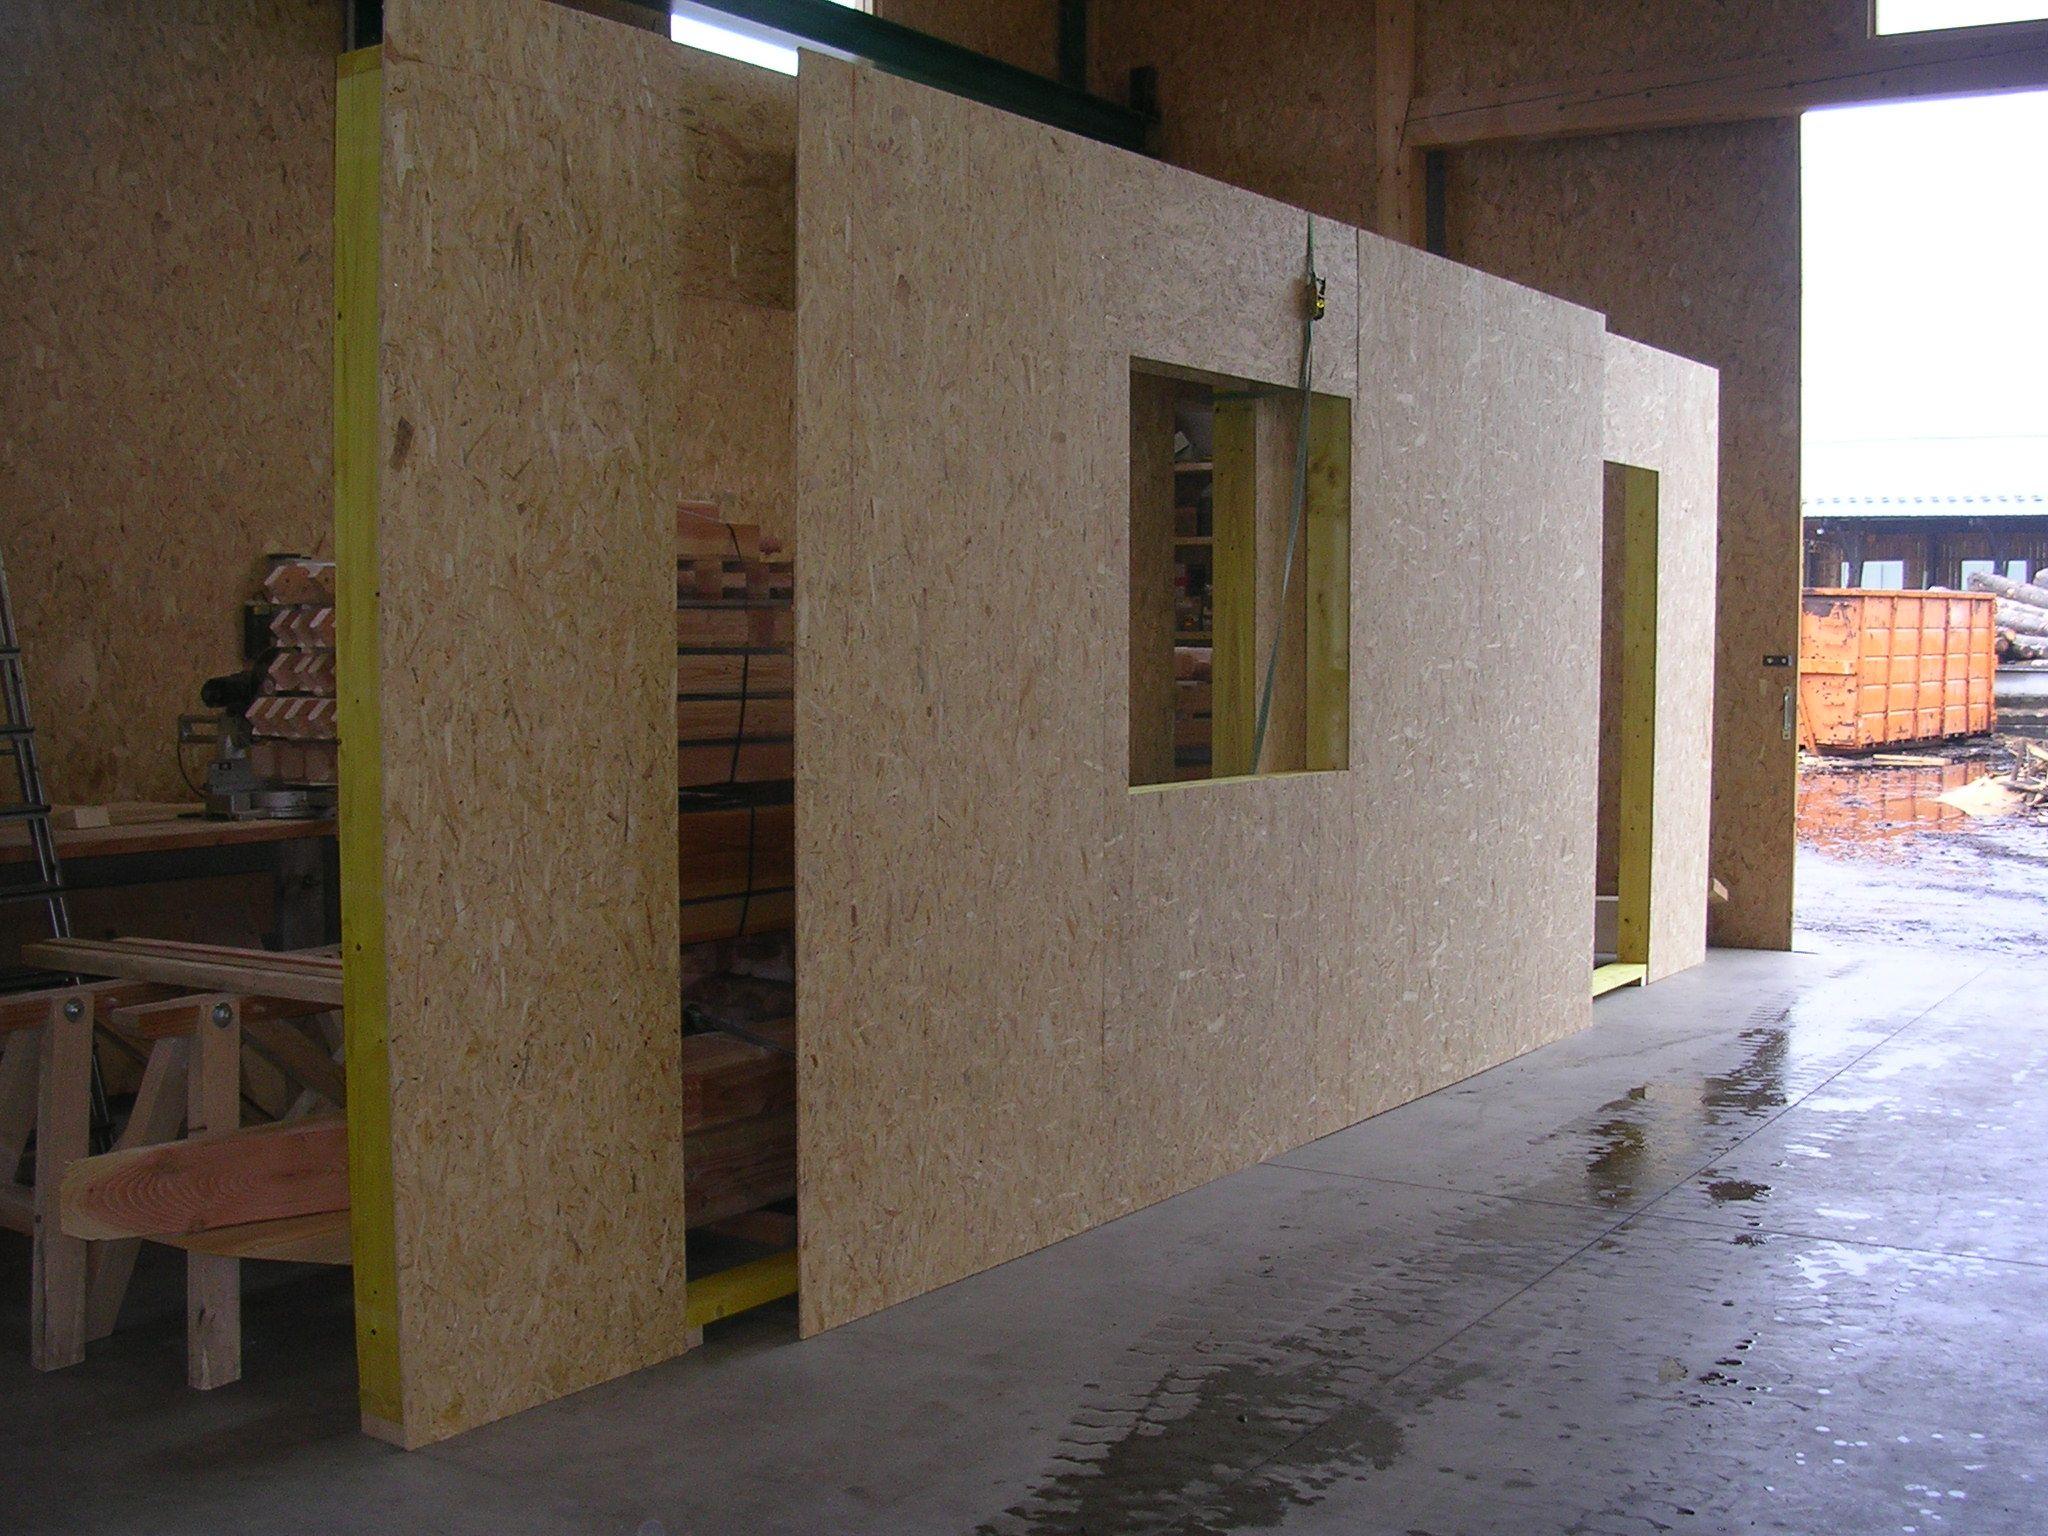 Ma deuxi me autoconstruction d 39 une maison ossature bois for Cout autoconstruction maison